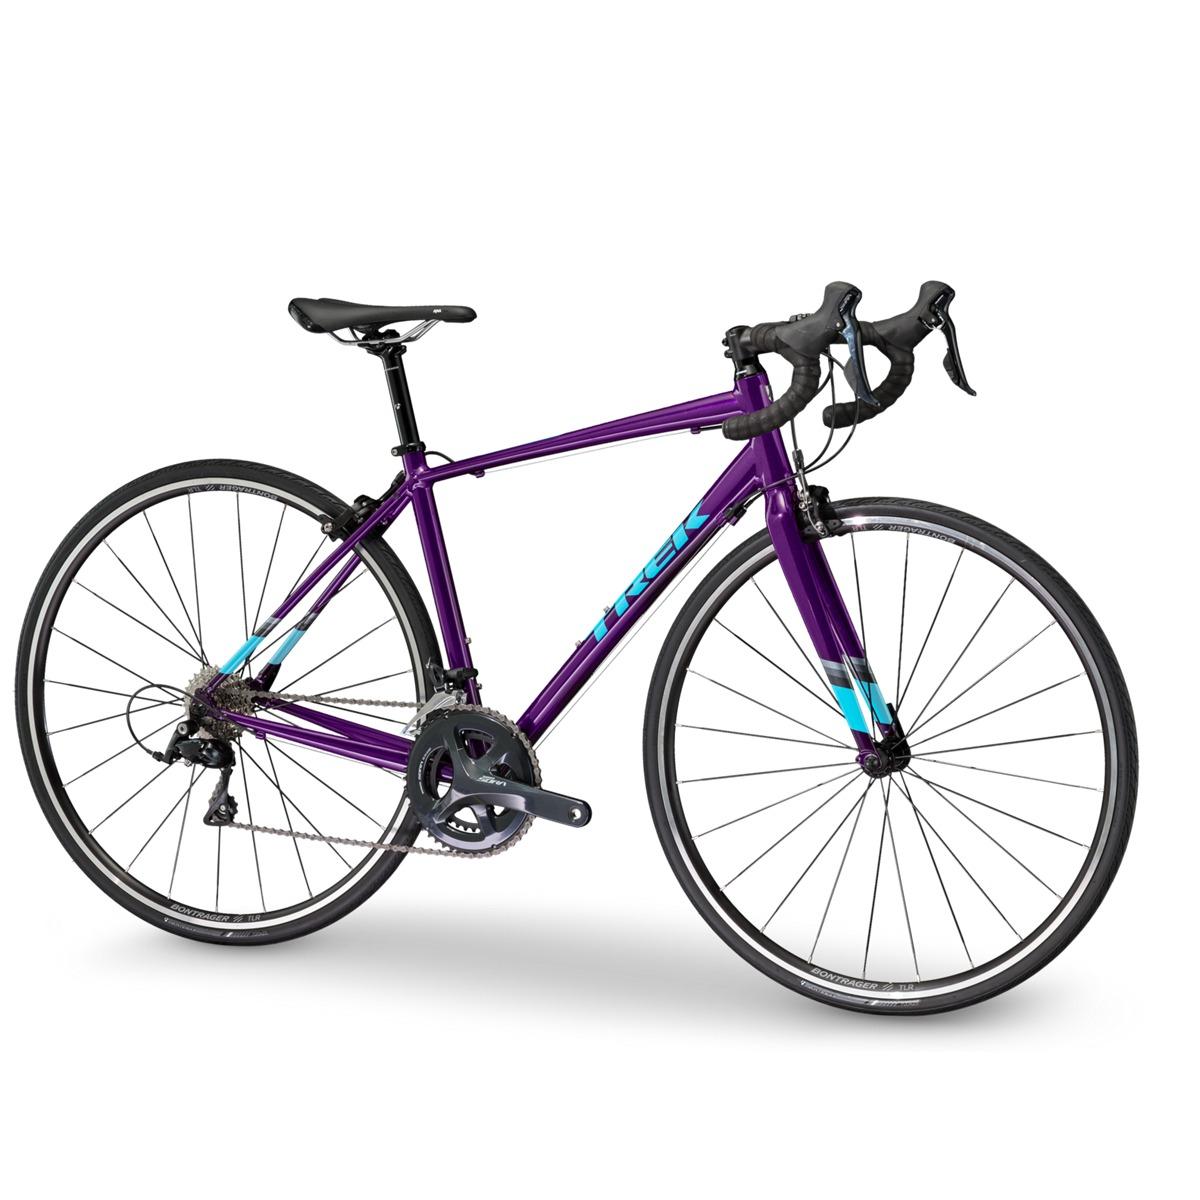 Lujo Cuadros De Las Bicicletas Trek Regalo - Ideas Personalizadas de ...